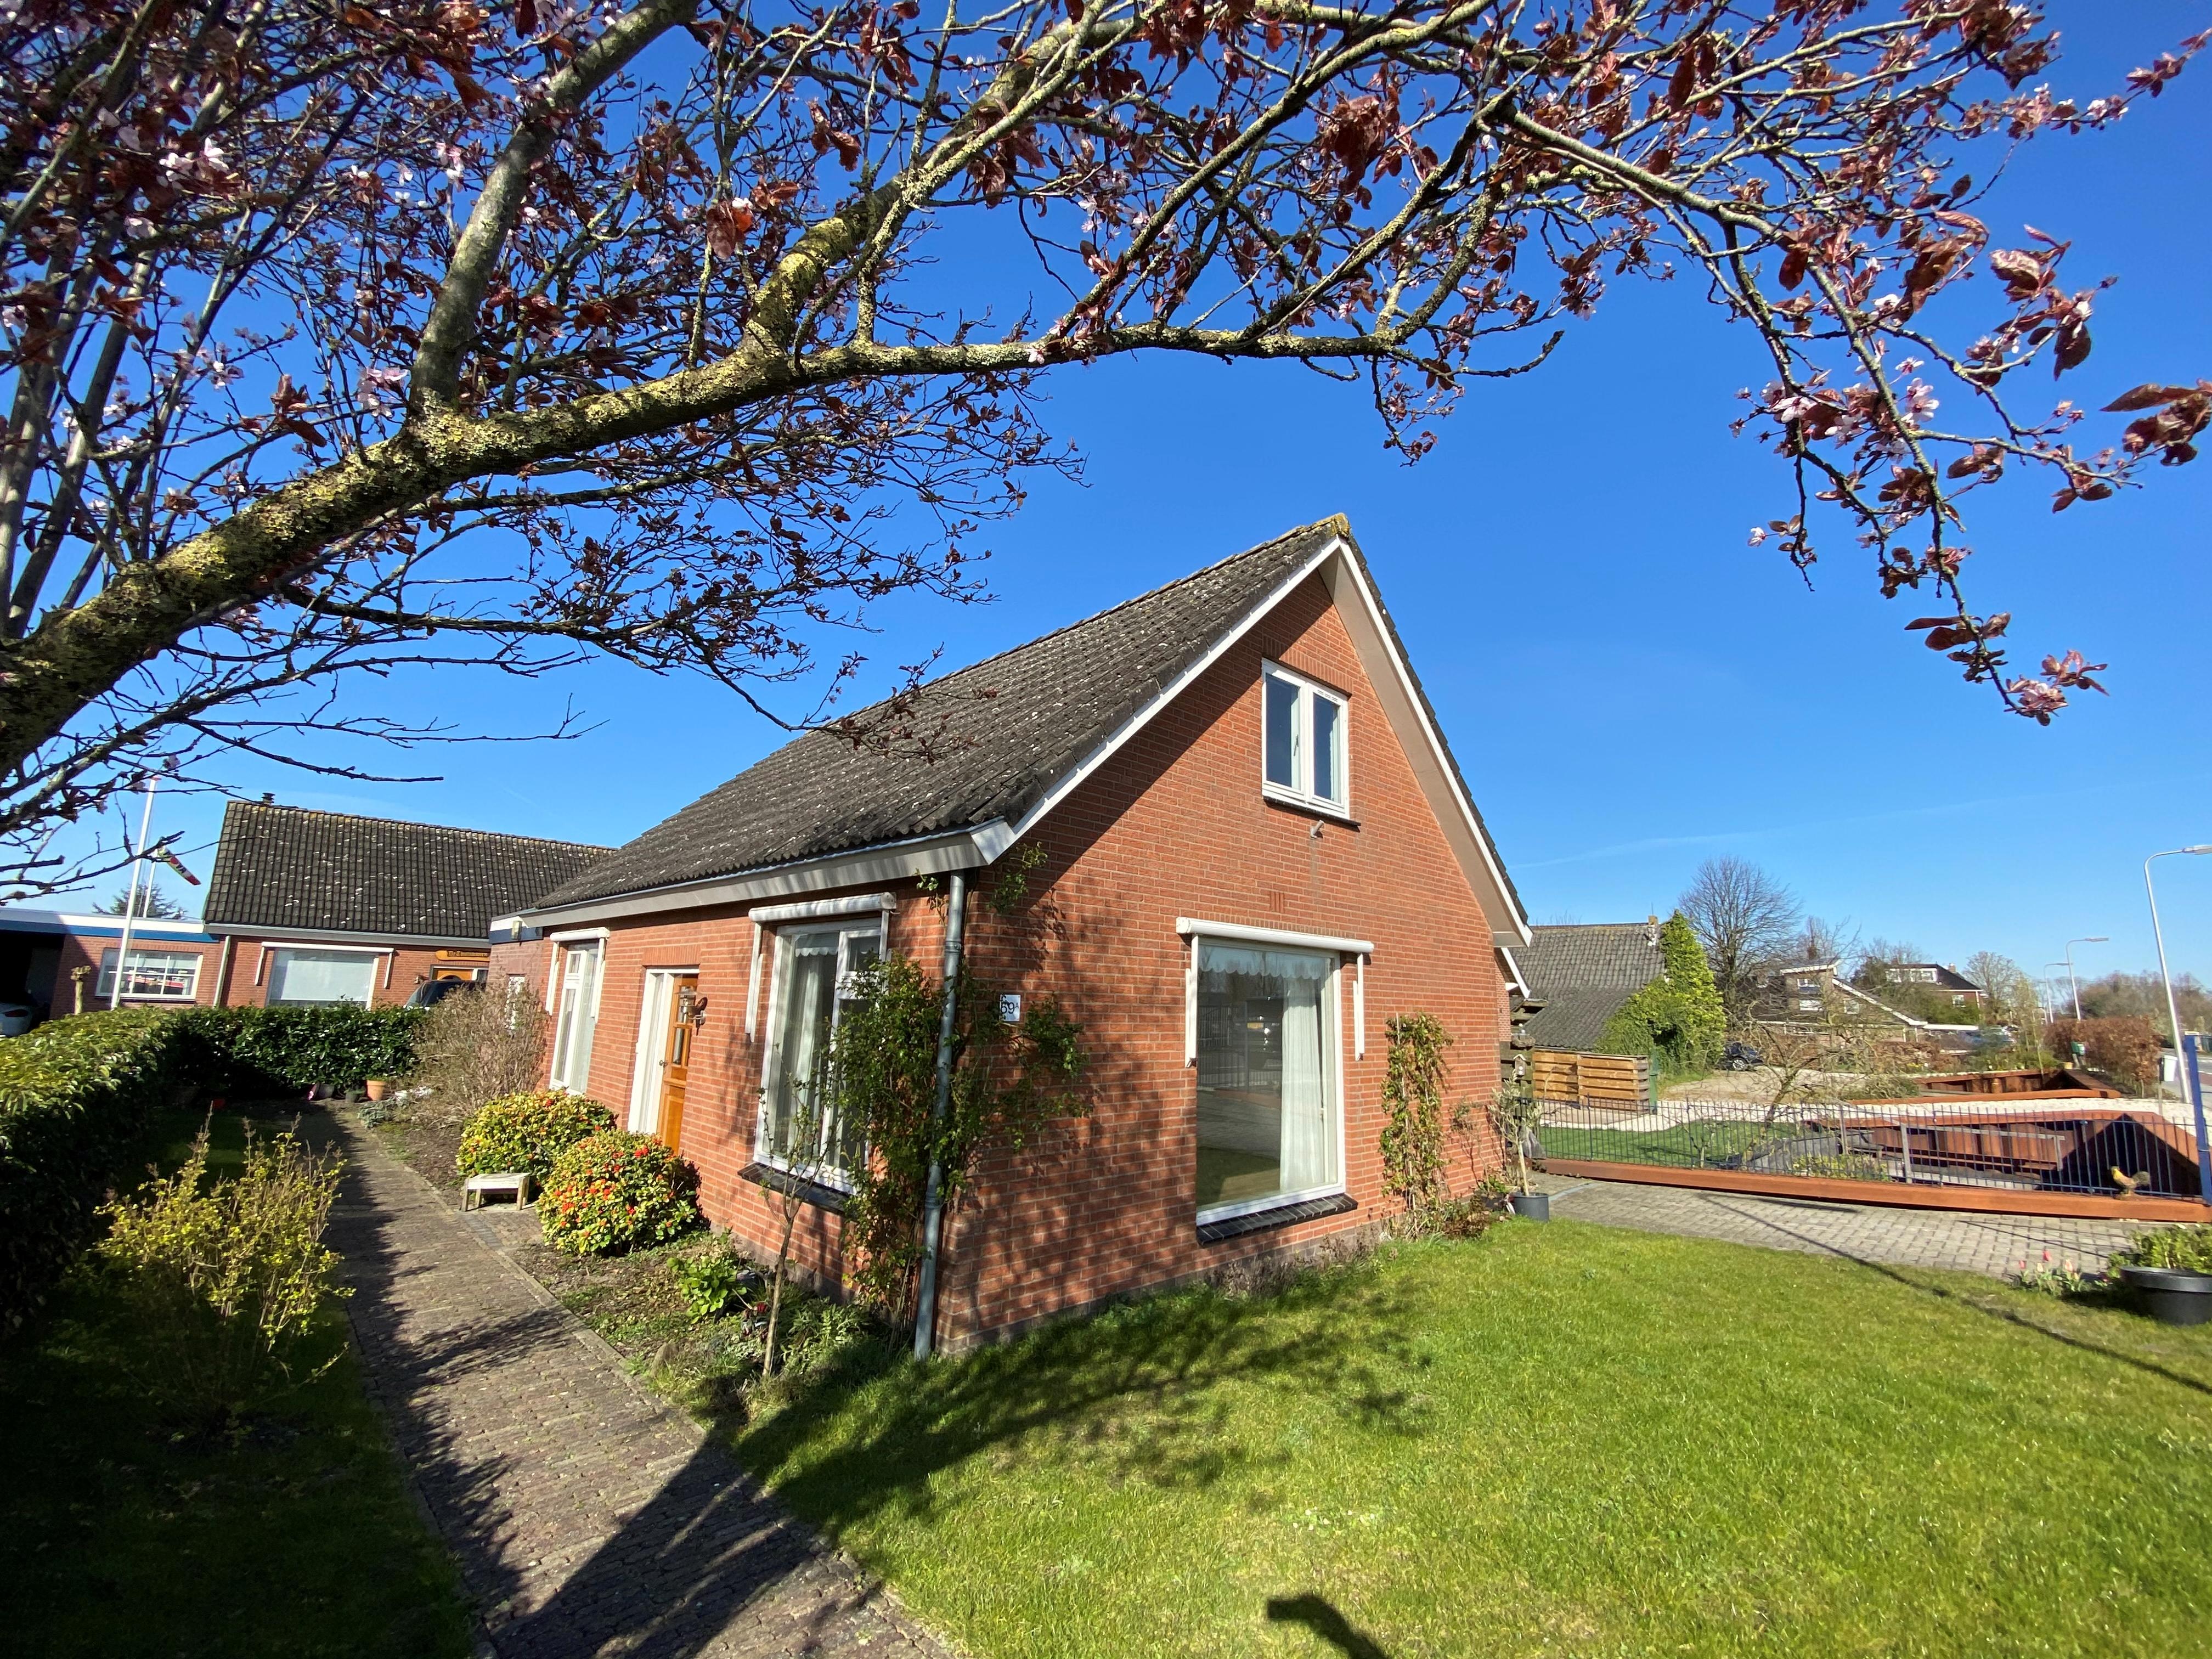 Vierambachtsweg 59